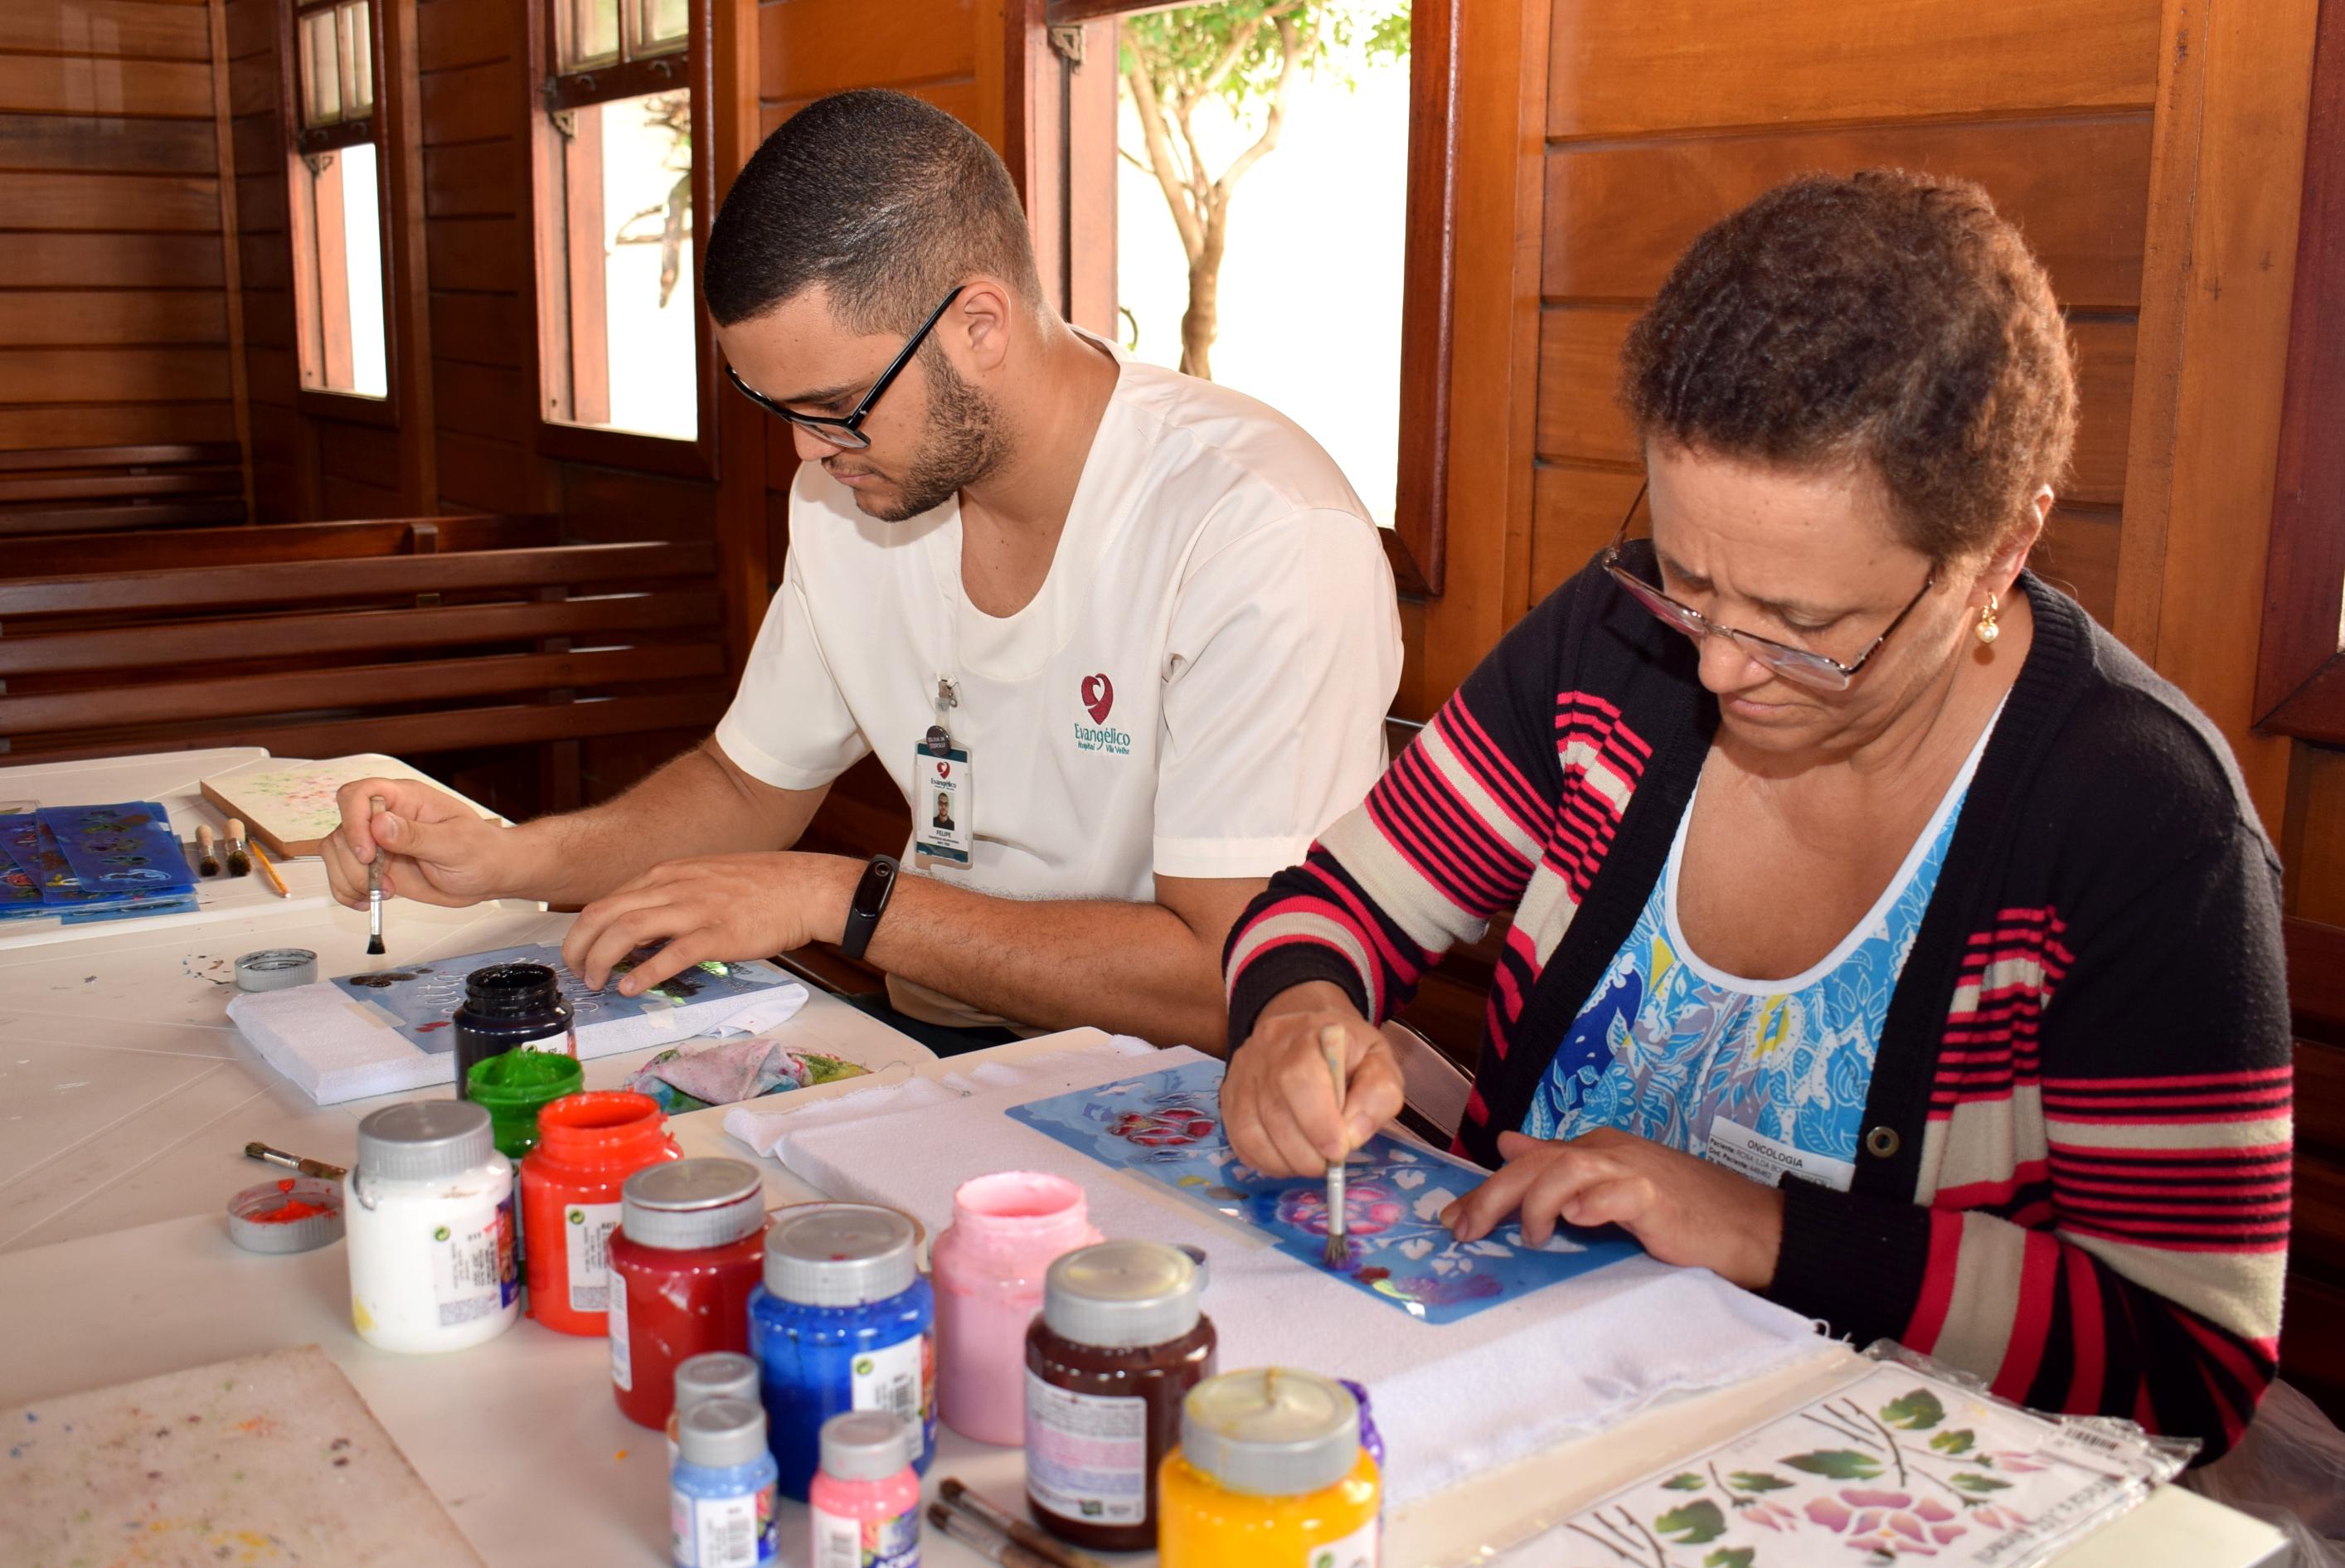 Pacientes de Oncologia e Nefrologia desenvolvem artesanato em trabalho voluntário